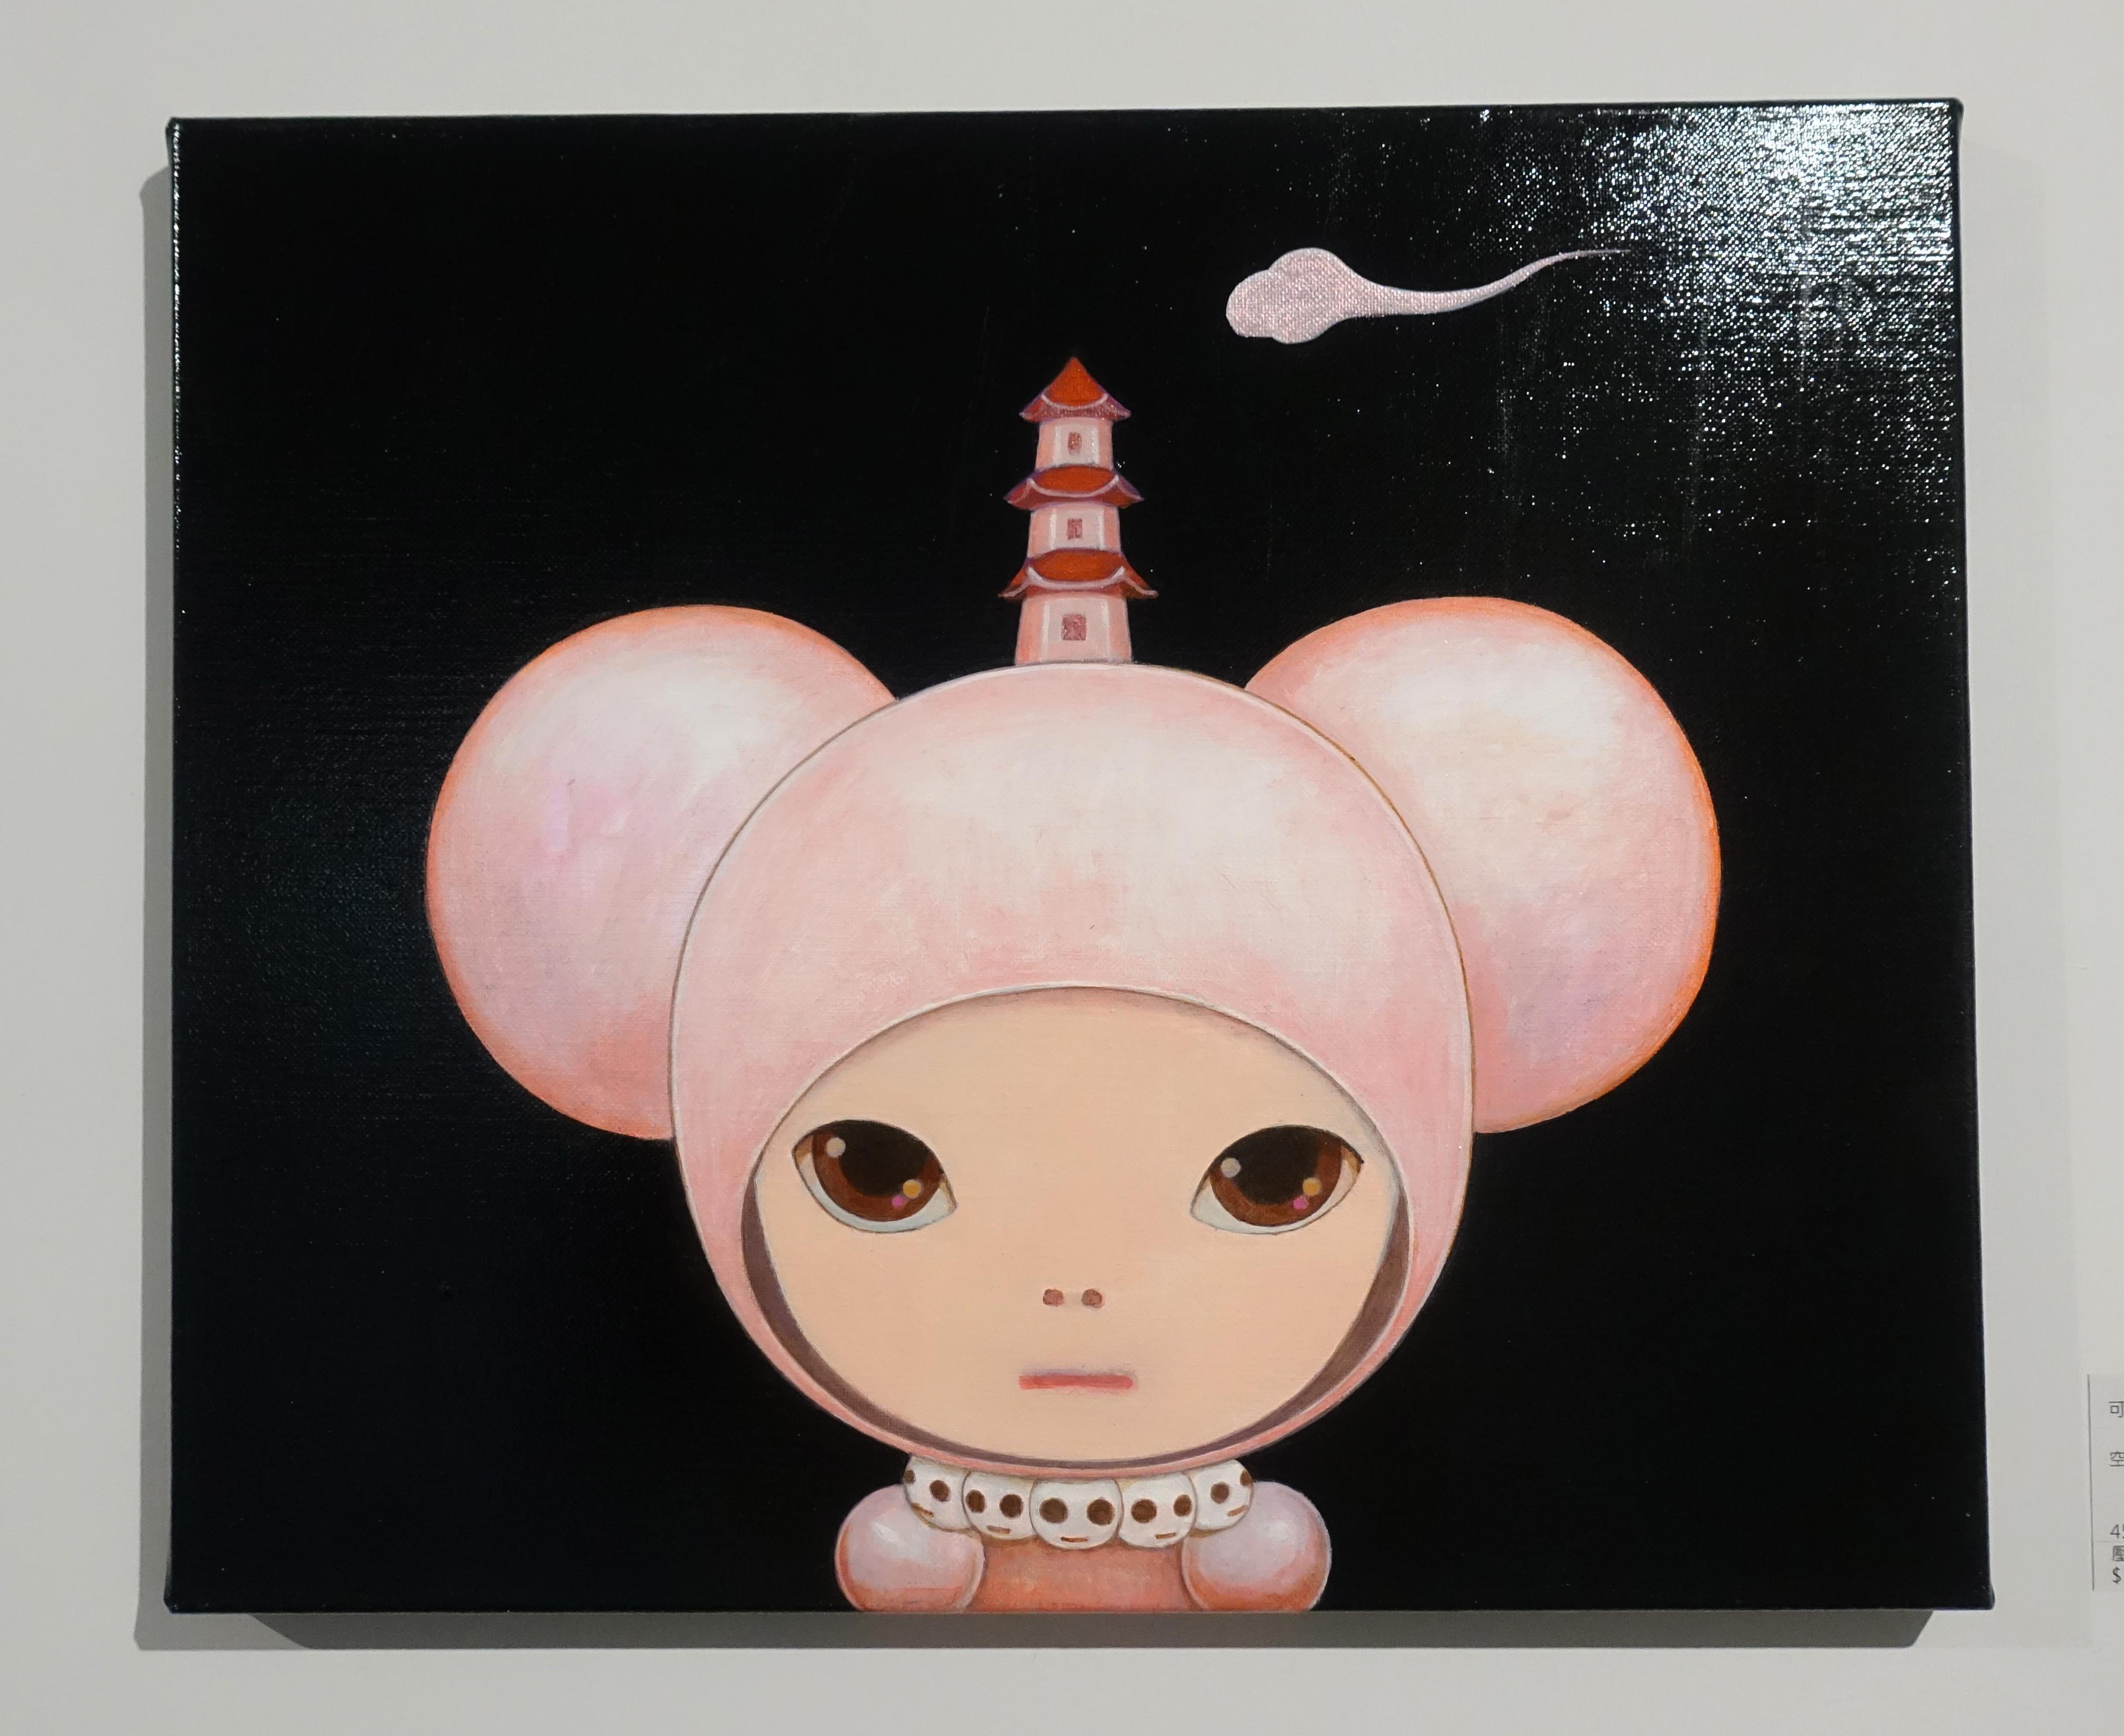 可樂王,《空》,45.5 x 38 cm,壓克力、畫布,2012。